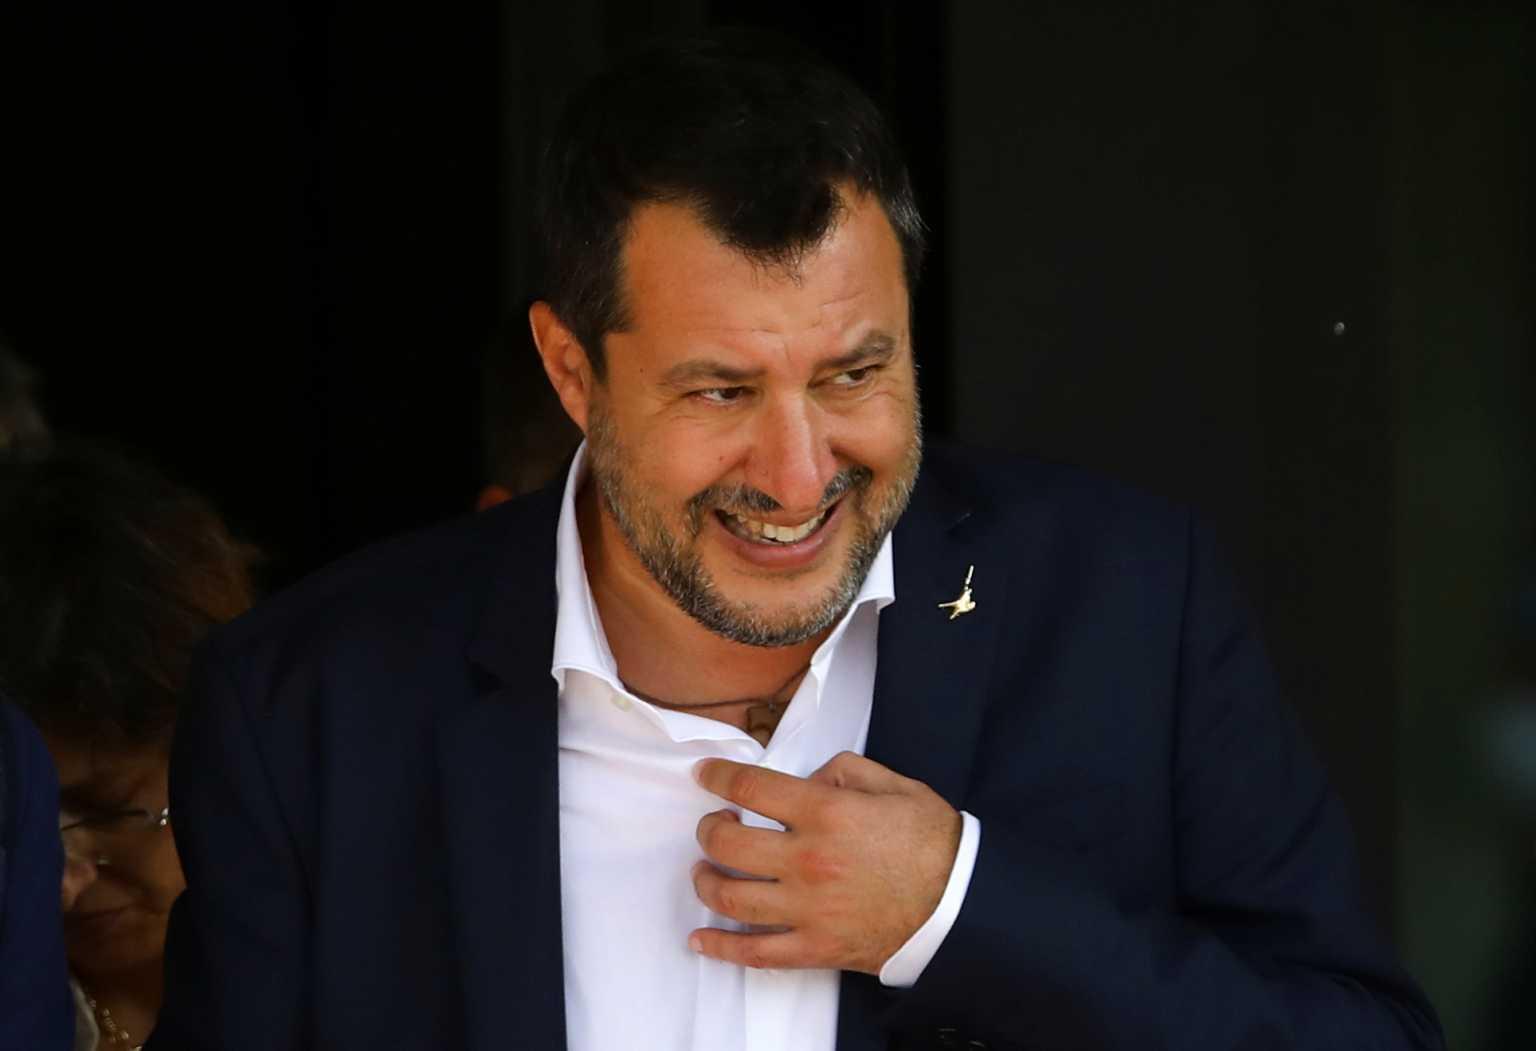 Ιταλία: Άρχισε η δίκη κατά του Ματέο Σαλβίνι στη Σικελία